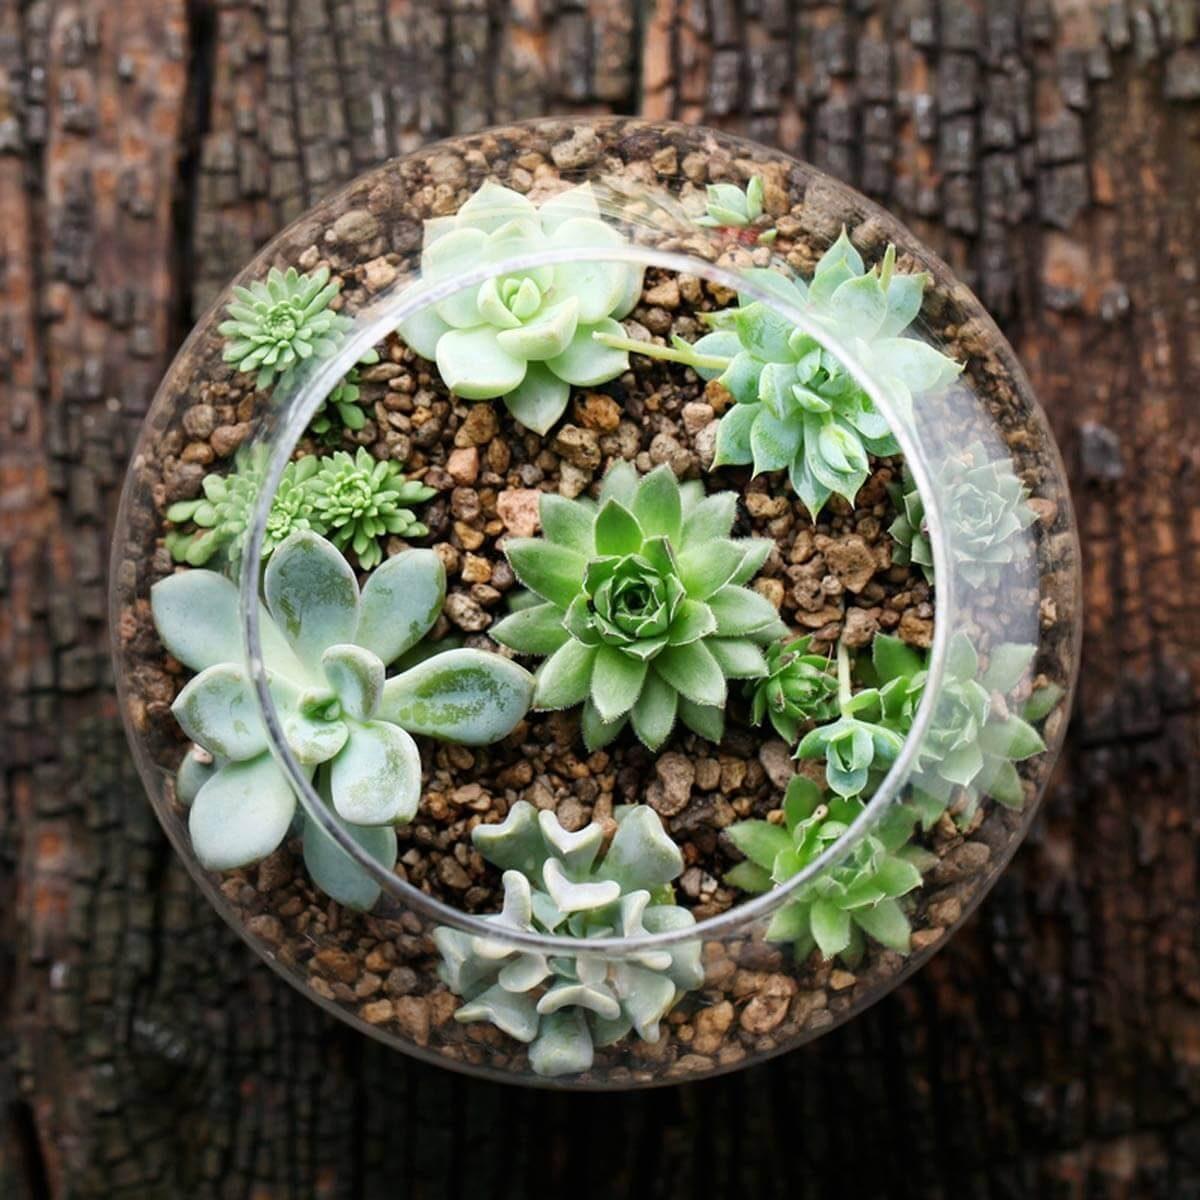 10. Fabulous Terrarium by simphome.com